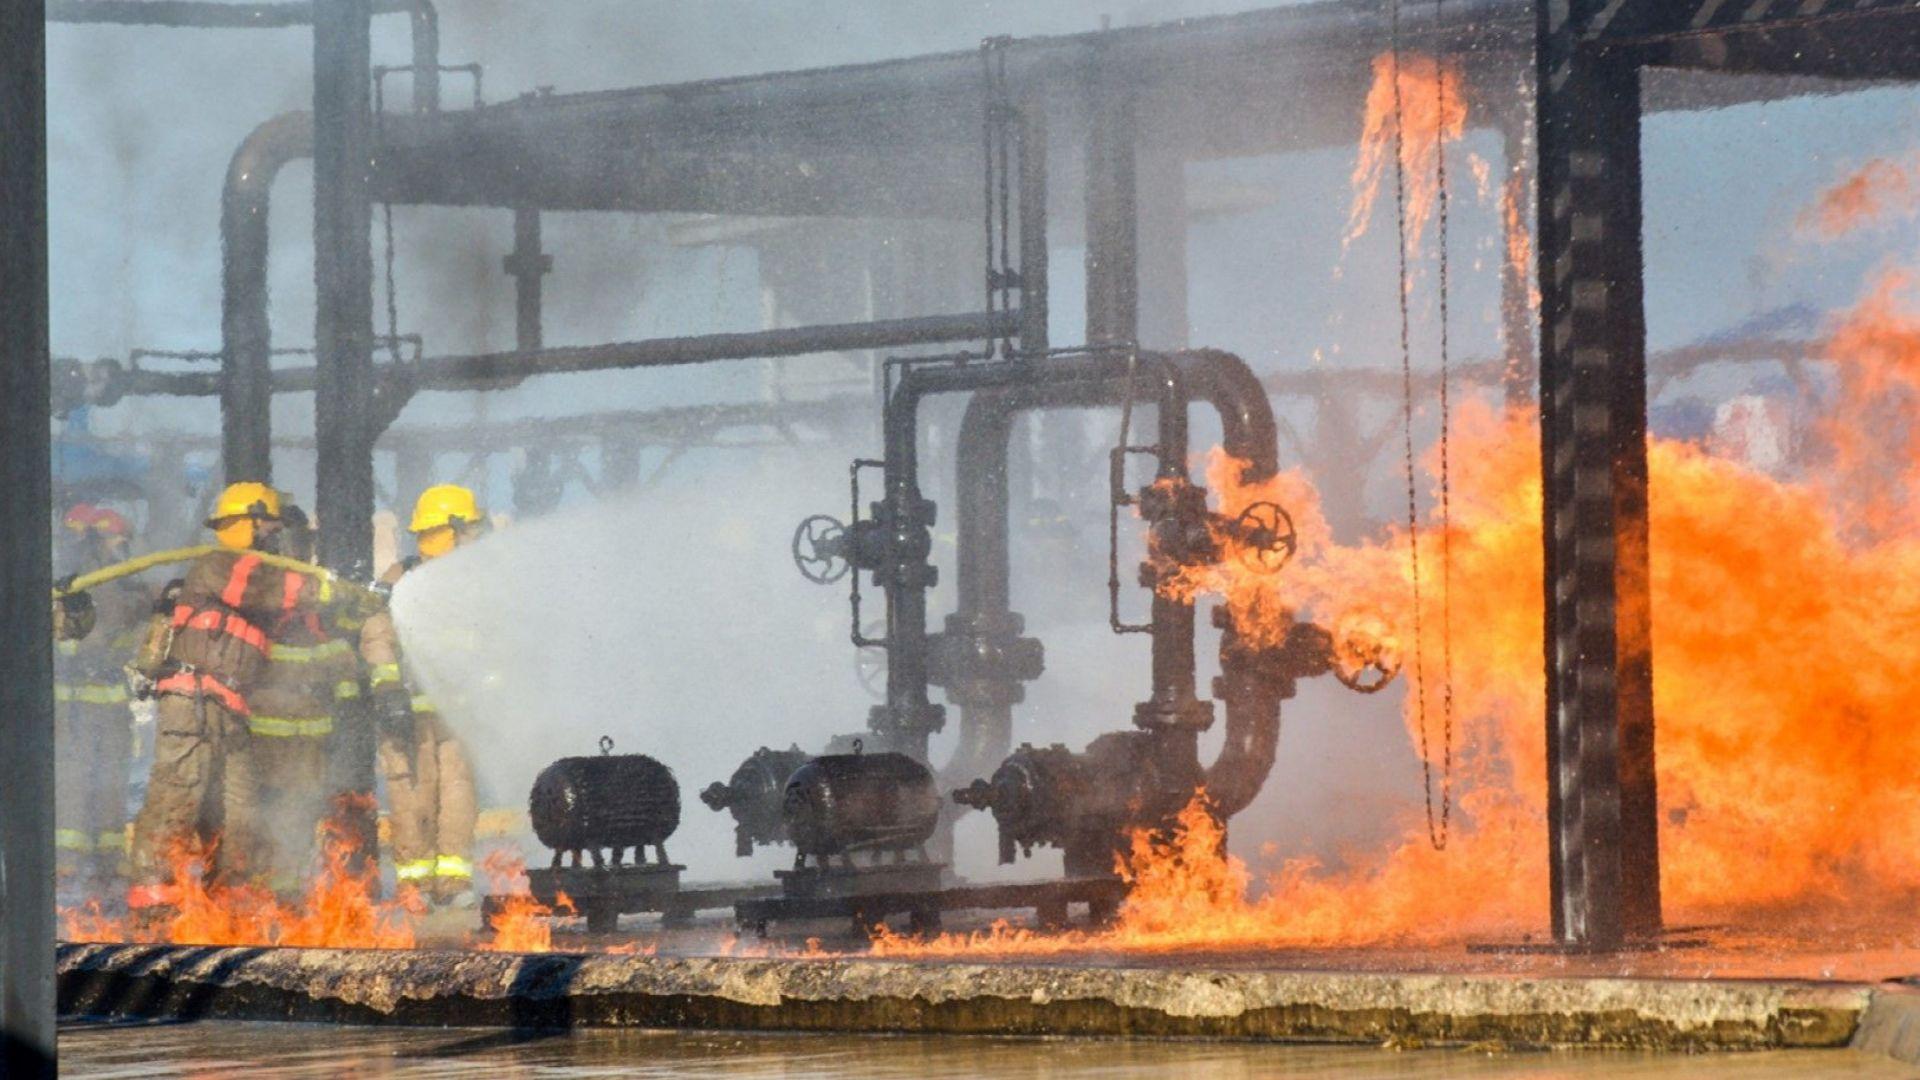 Нападения с дронове са предизвикали пожар в две големи петролни съоръжения в Саудитска Арабия